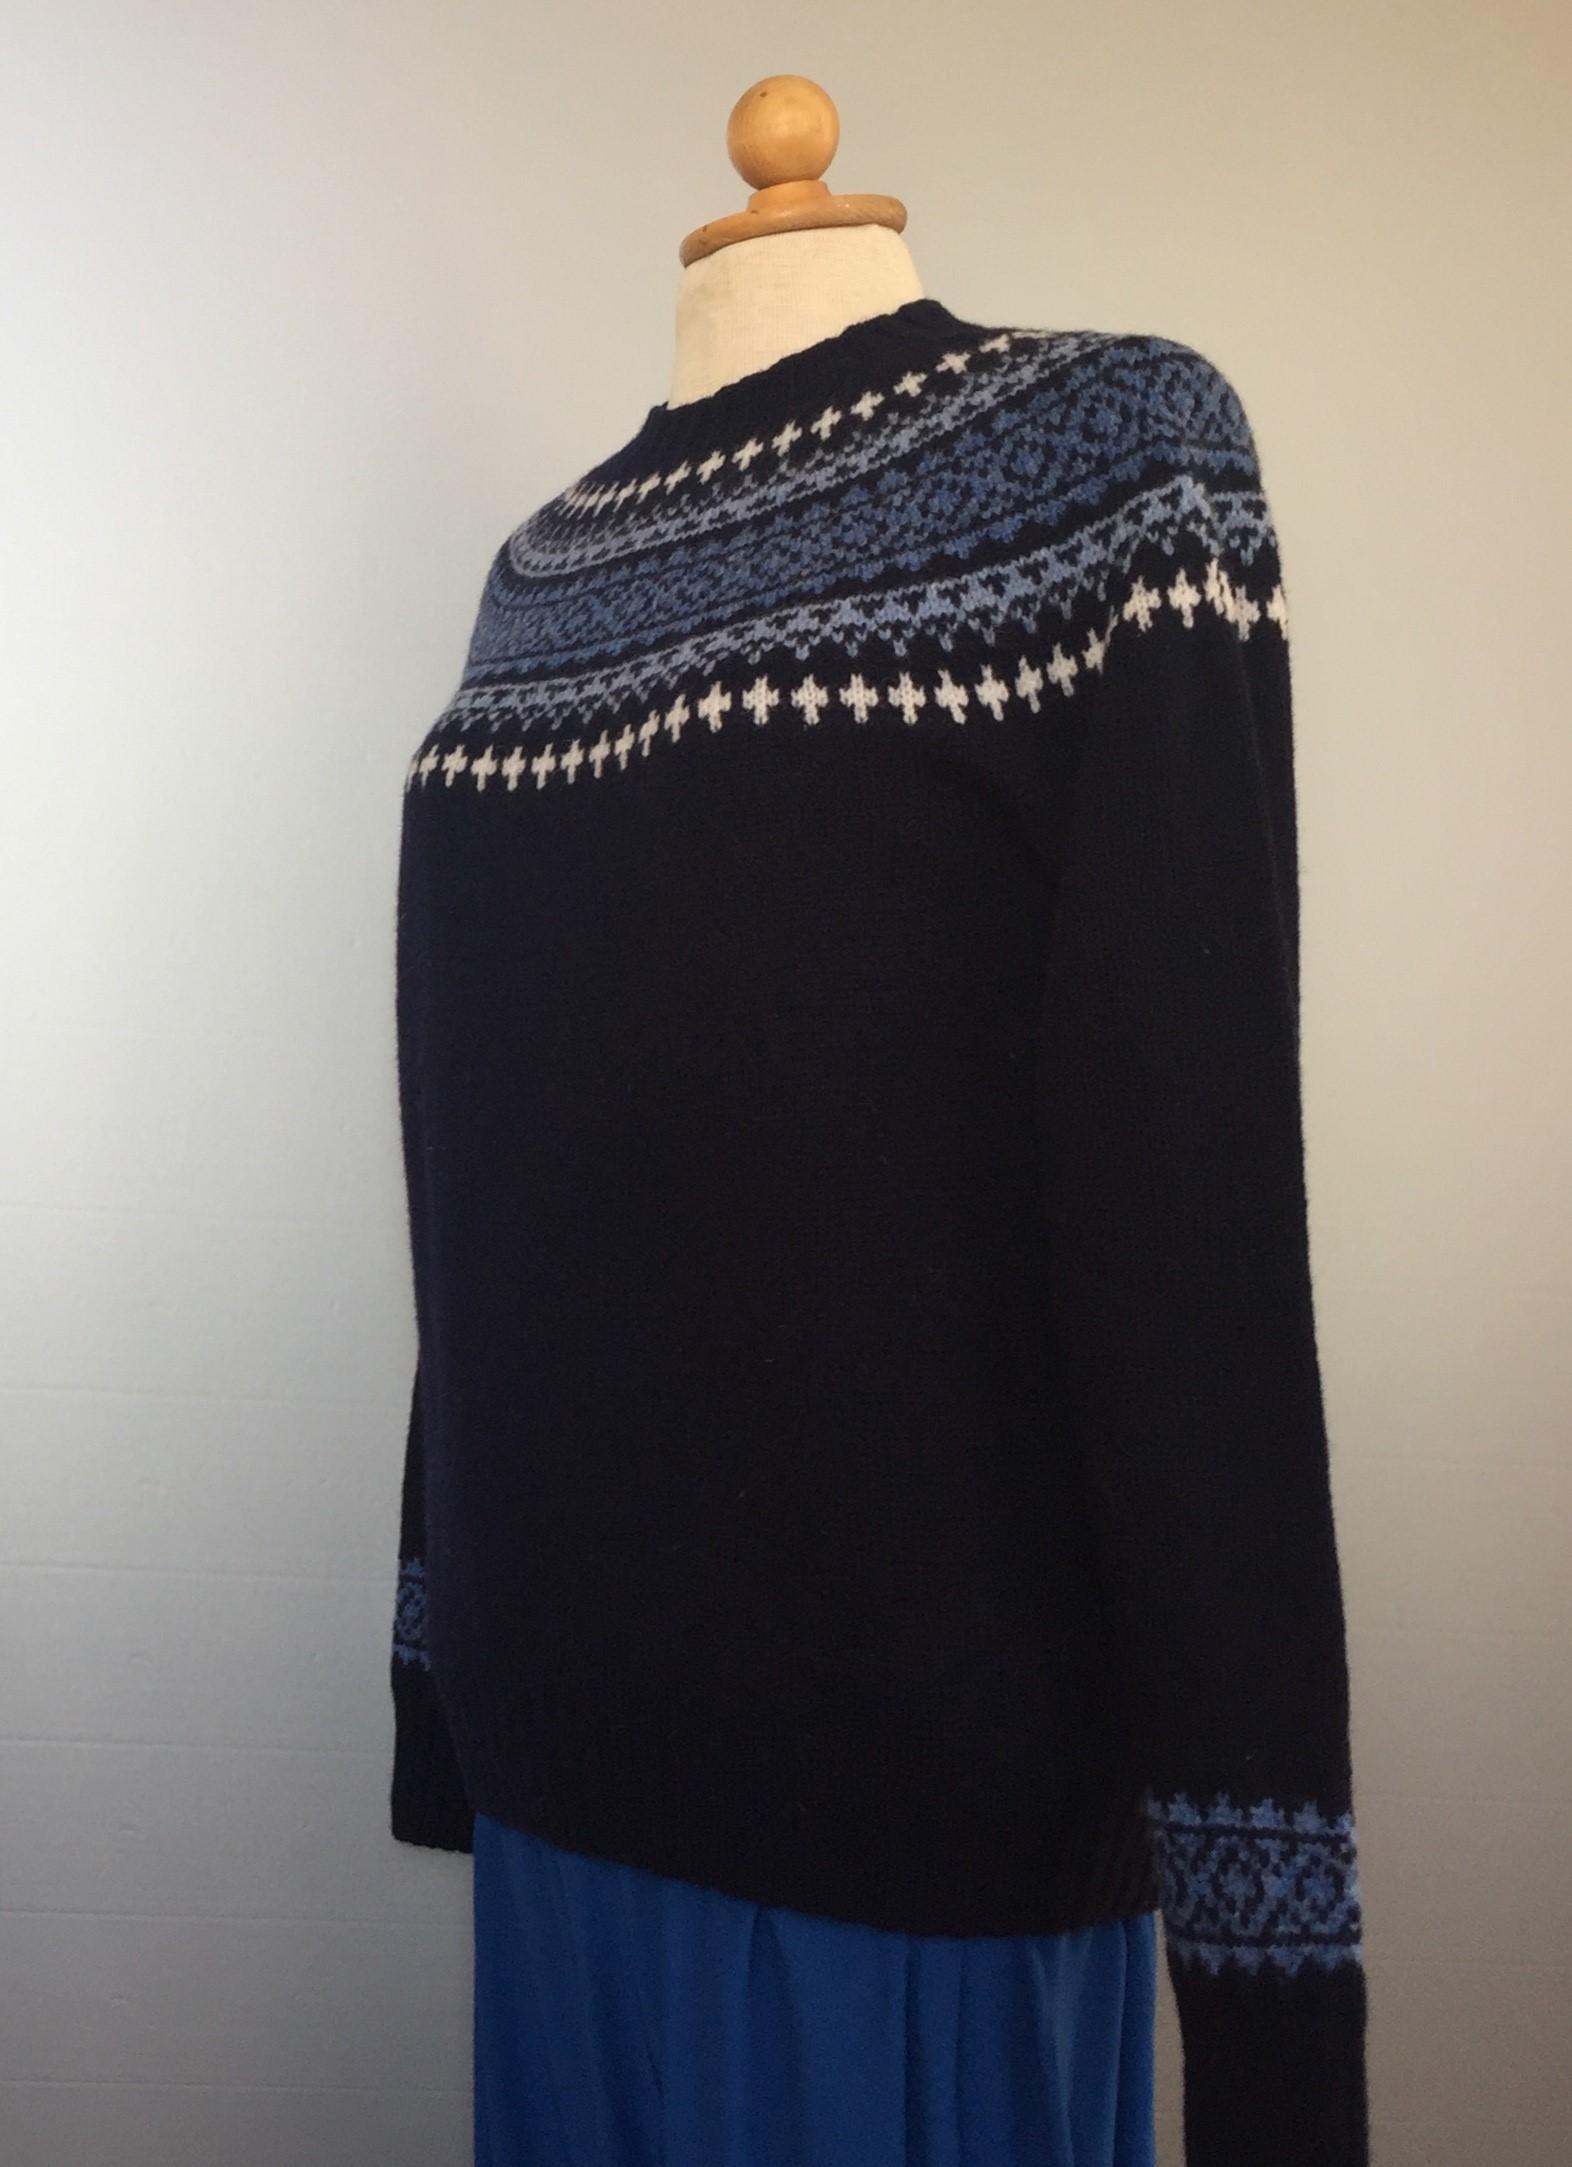 Harley of Scotland - Færø Pullover Blå farver, færøtrøje, færøerne, færøsk, strik, damestrik, damepullover, pullover, striktrøje, striksweater, uldtrøje, uldsweater, islænder, bærestykke, krave, mønster, mørkeblå, navy, marine, blå, klassisk, sommerstrik, sommertrøje, let, tynd, blød, lun, smart, moderne, kvalitet, ren uld, lambswool, uldpullover, biti, ribe, hipster,